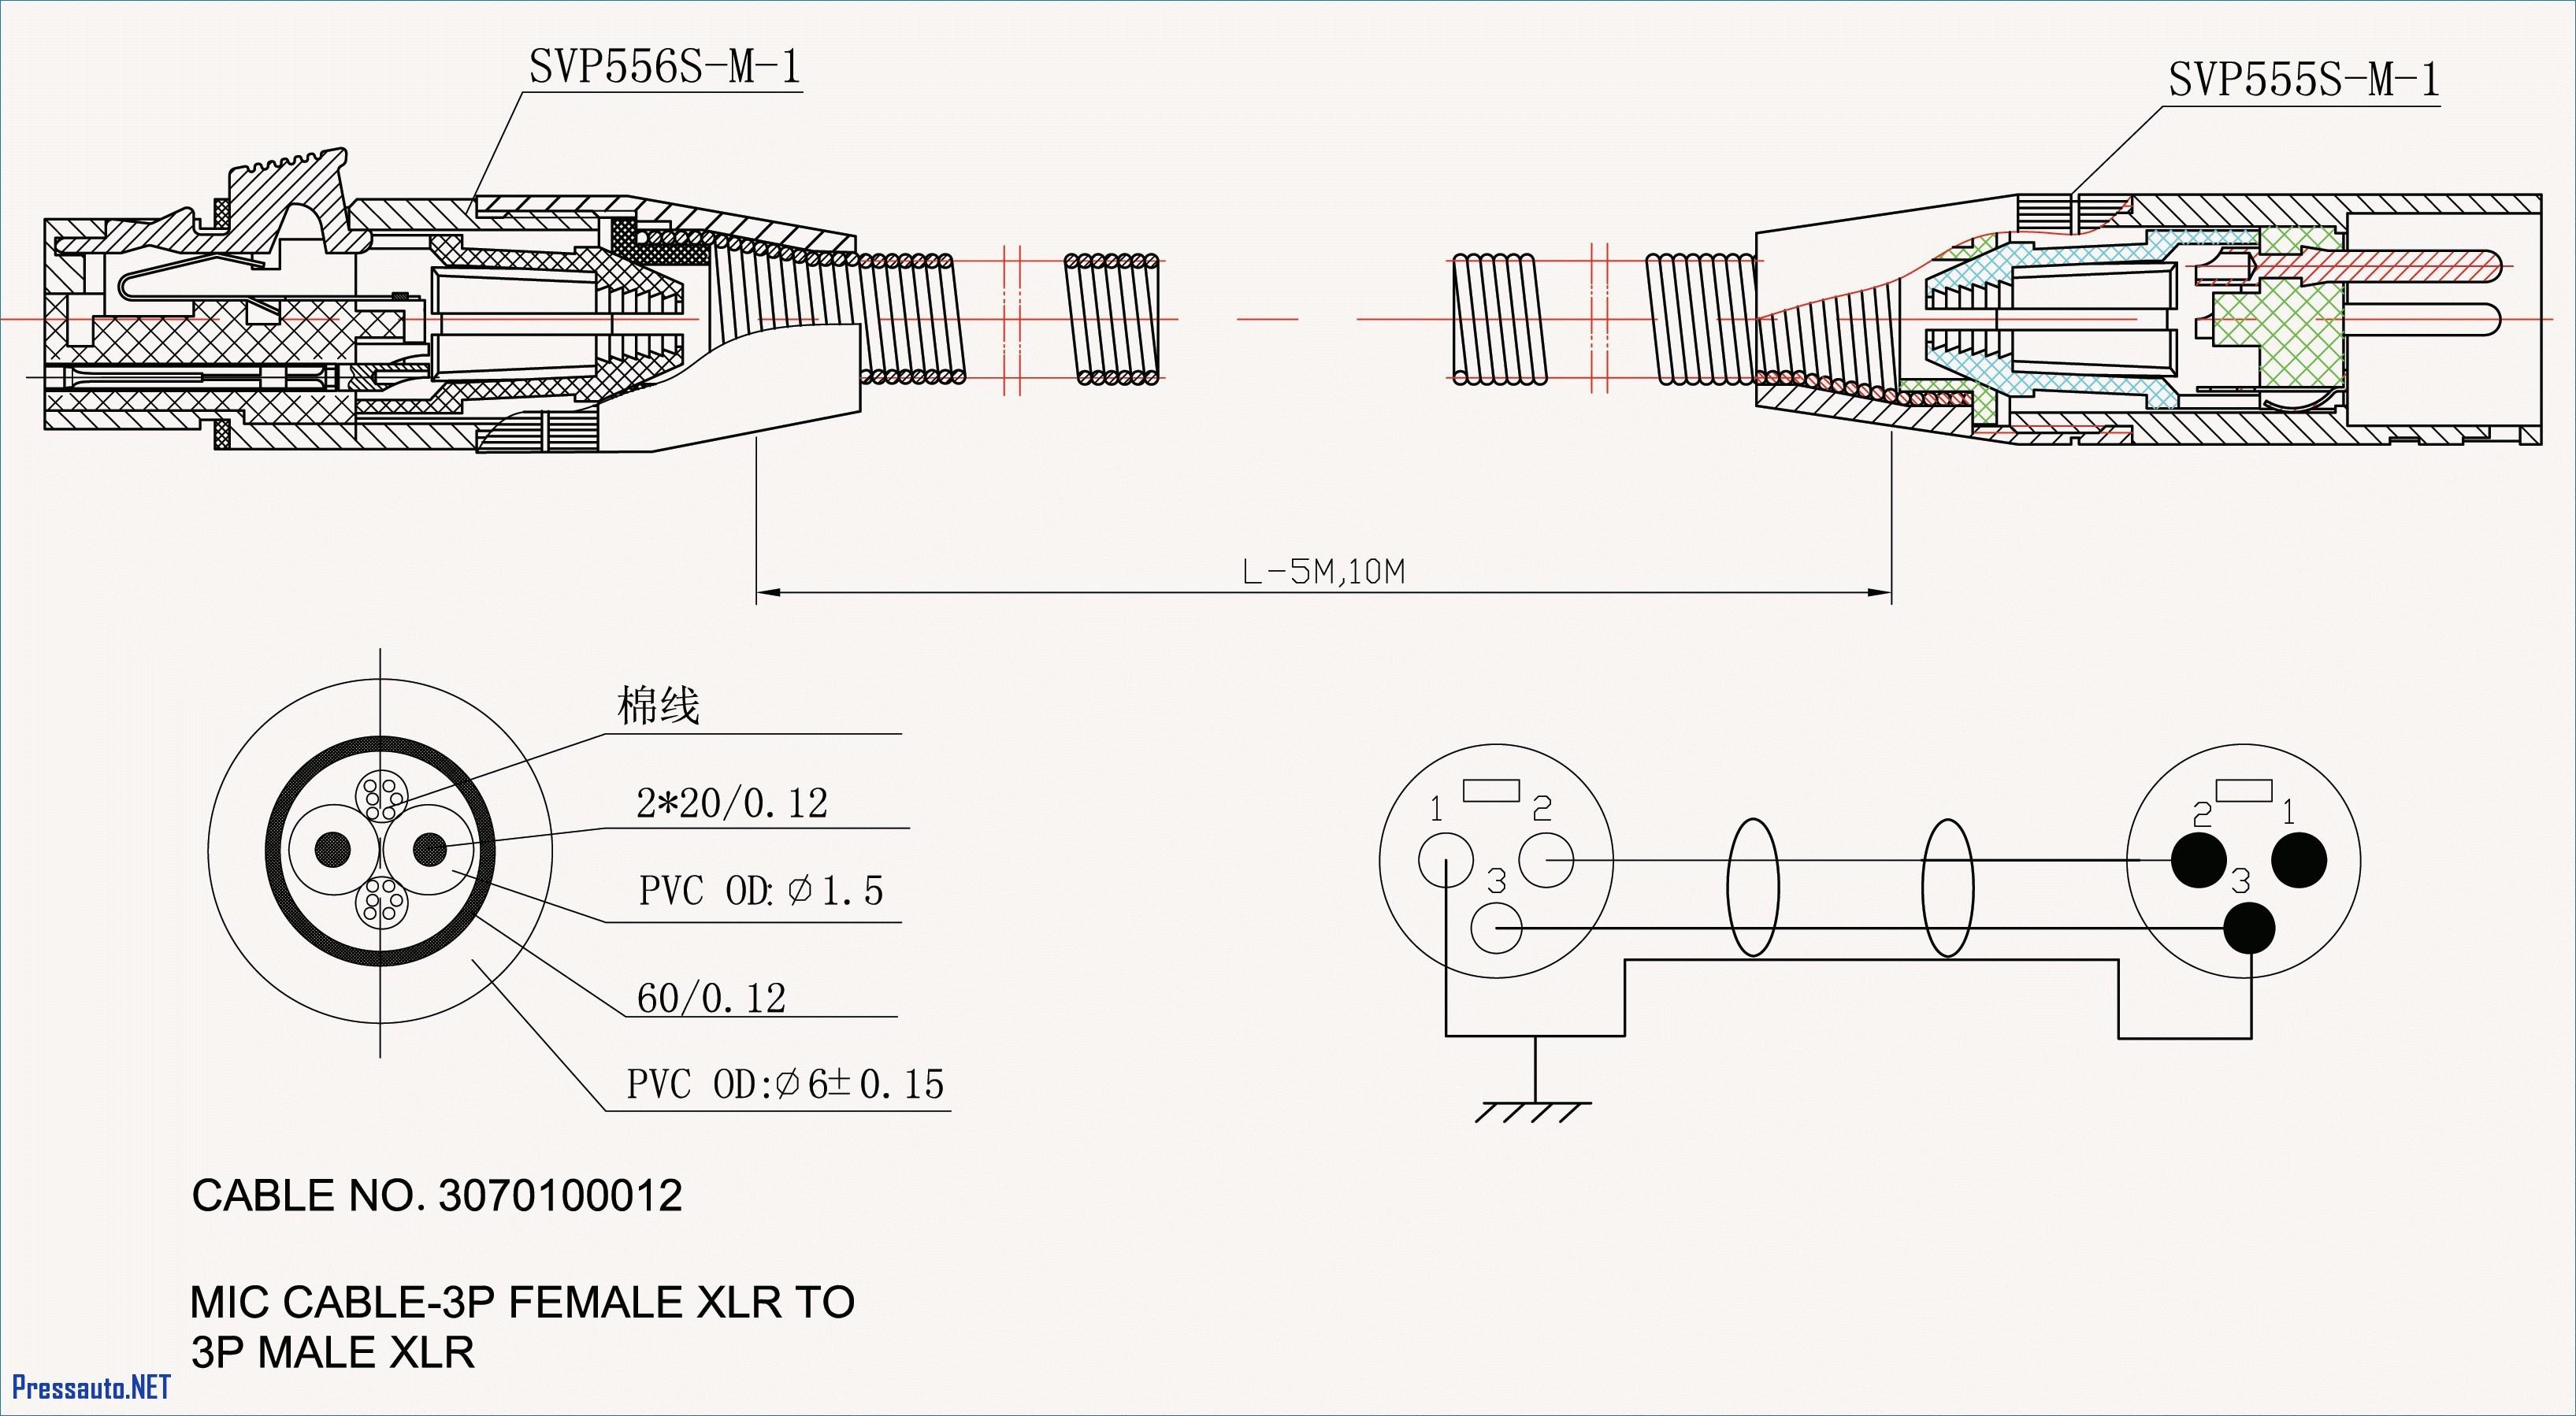 Cucv Alternator Wiring Diagram